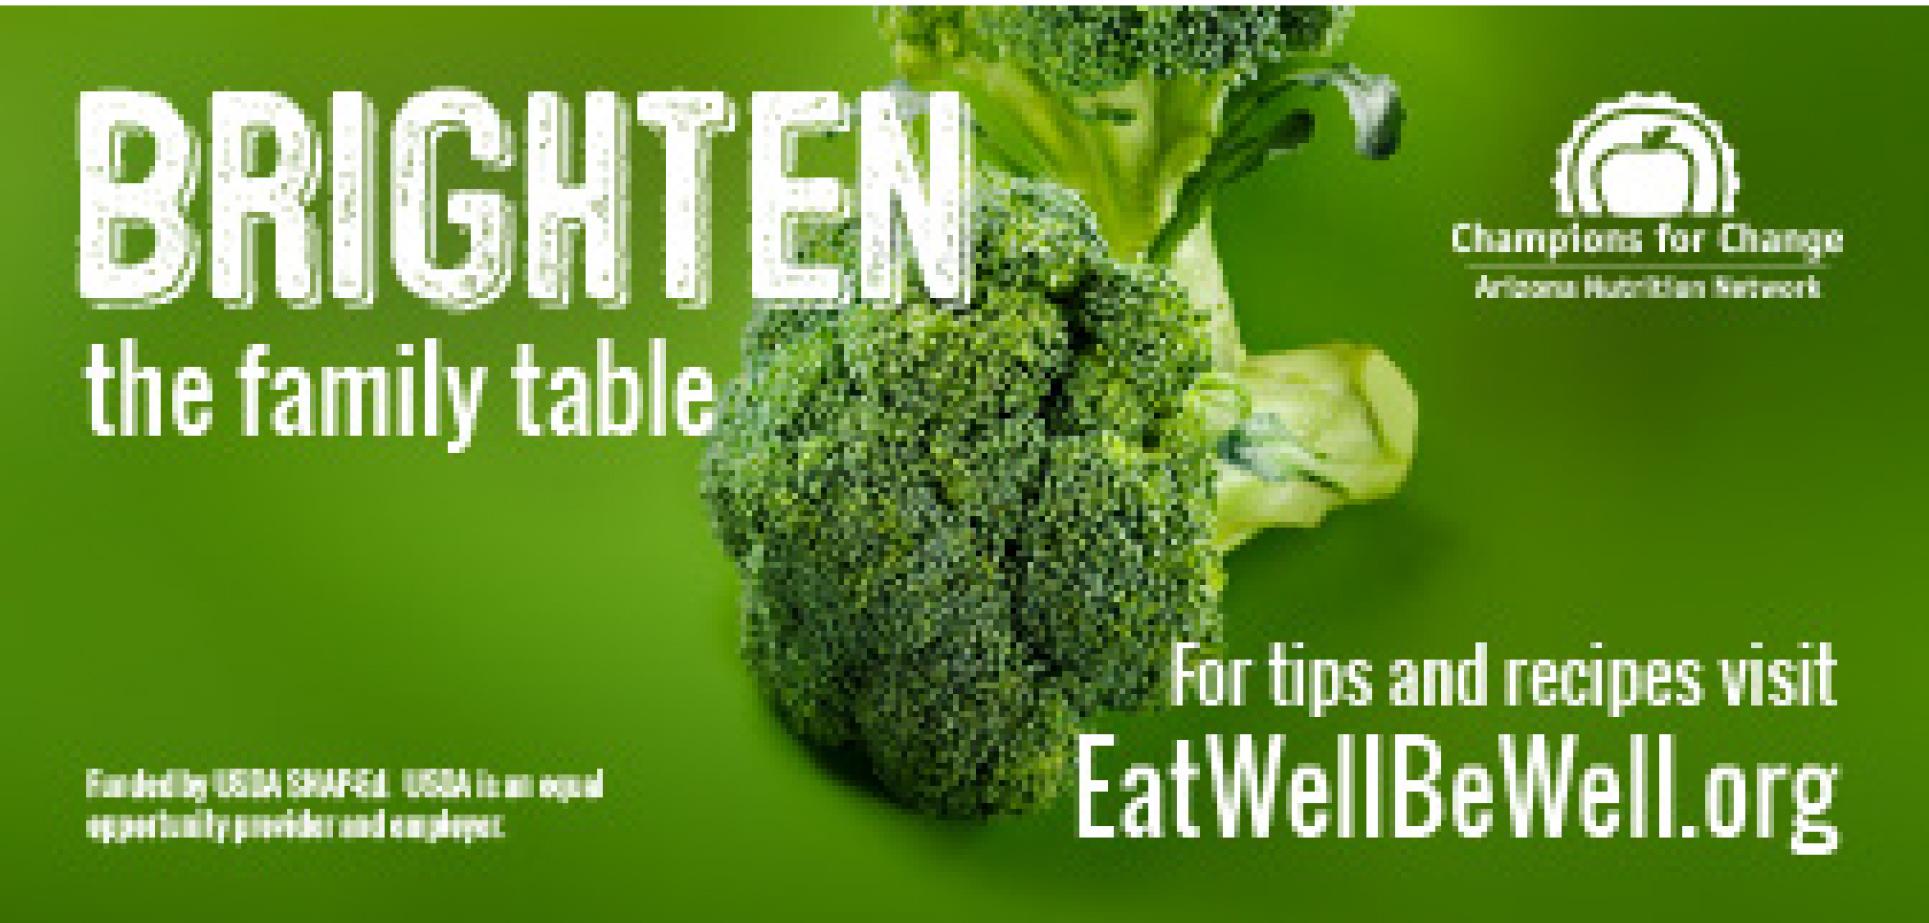 Brighten the Family Table -broccoli